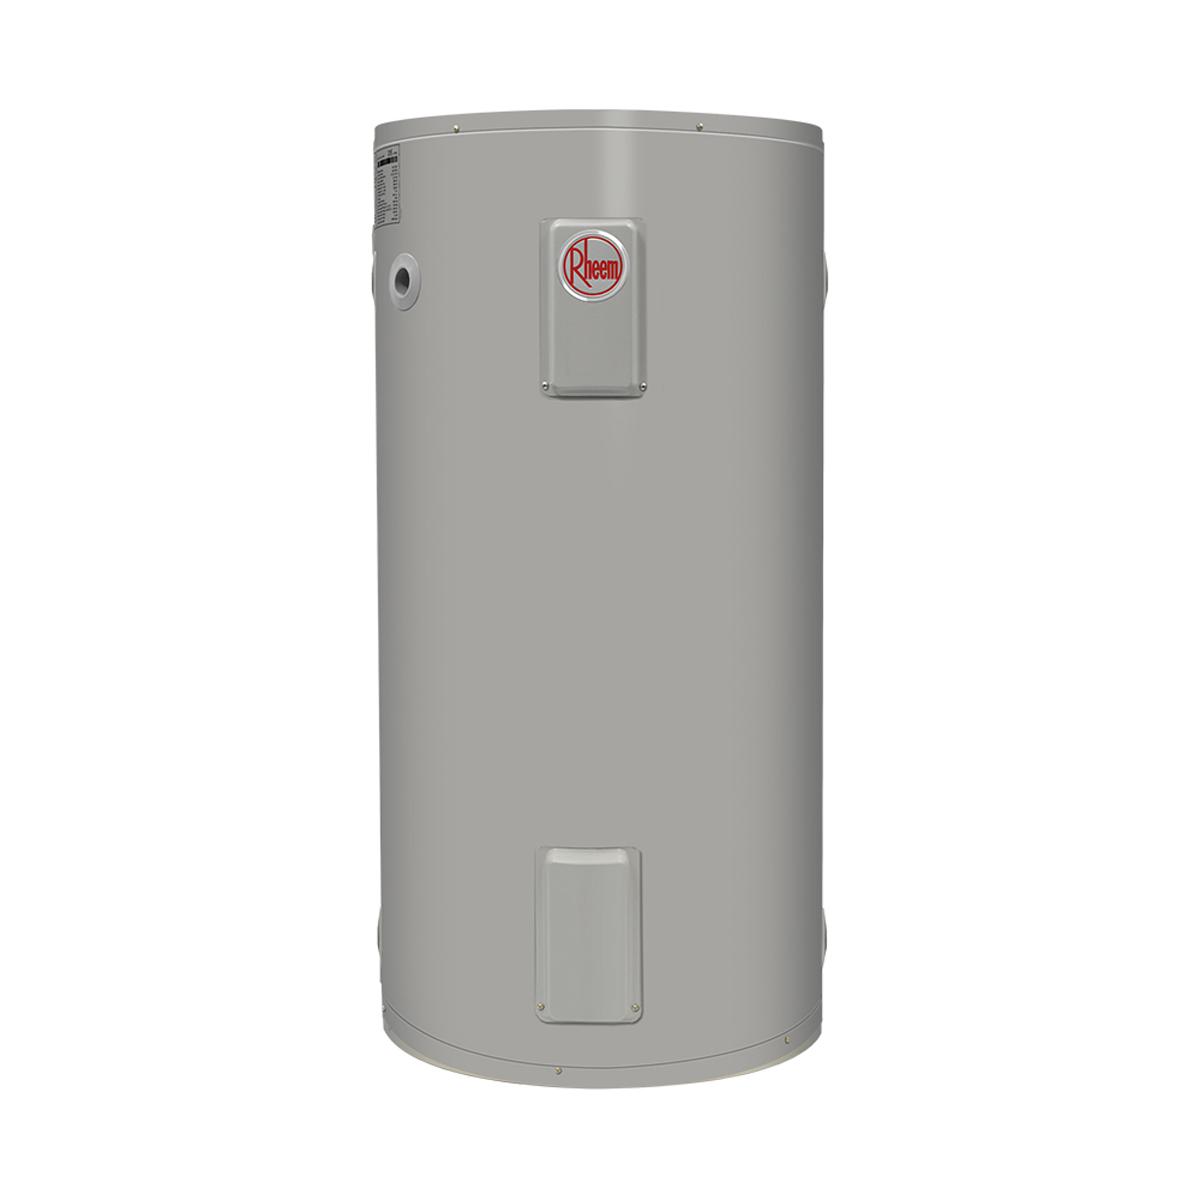 Rheem 250L Electric Water Heater- Single & Twin element